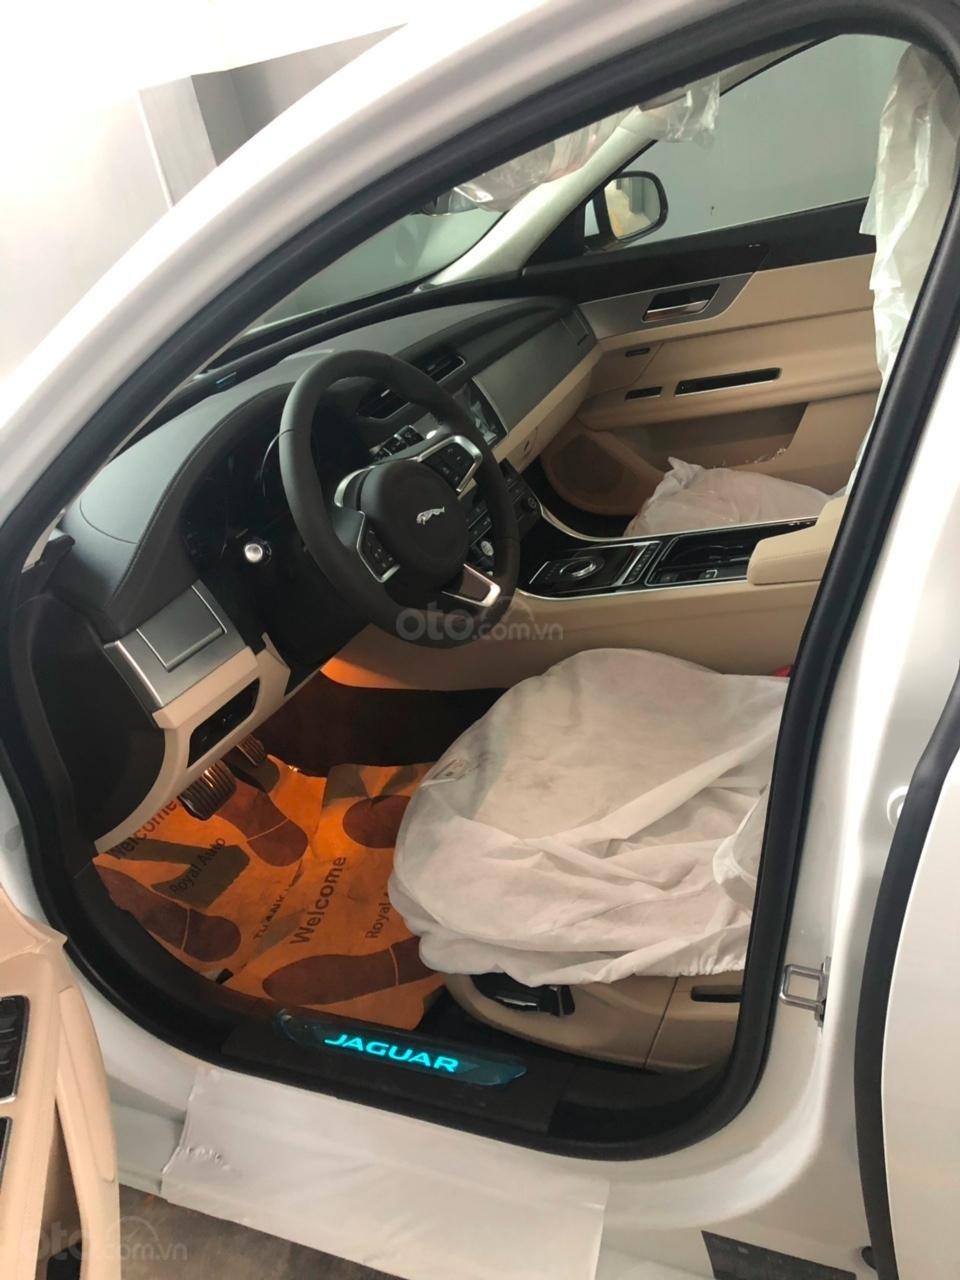 093 22222 53 - Bán giá xe Jaguar XF Prestige sản xuất 2018 - 2019 màu trắng, màu đỏ, đen giao xe ngay-3